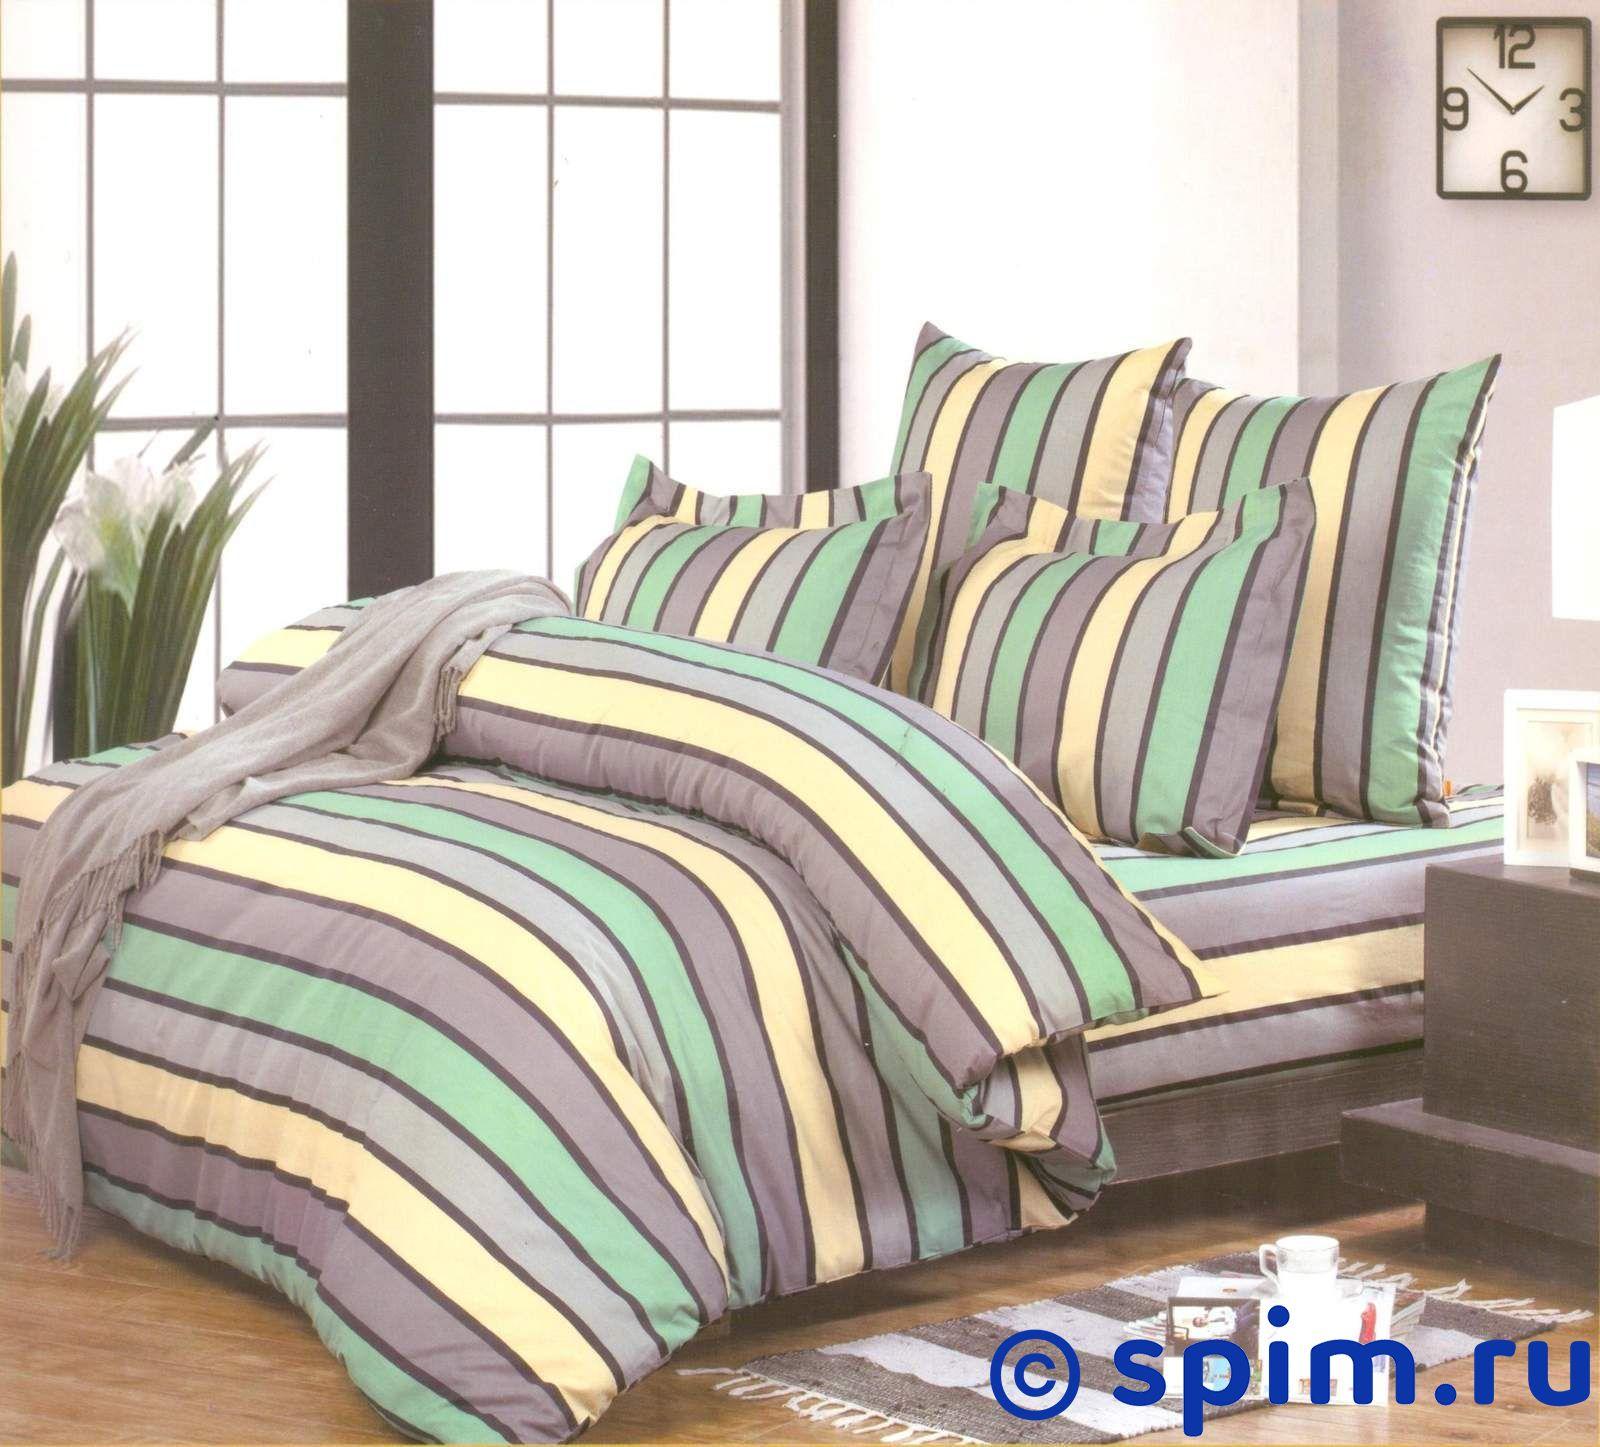 Комплект СайлиД А141 1.5 спальное